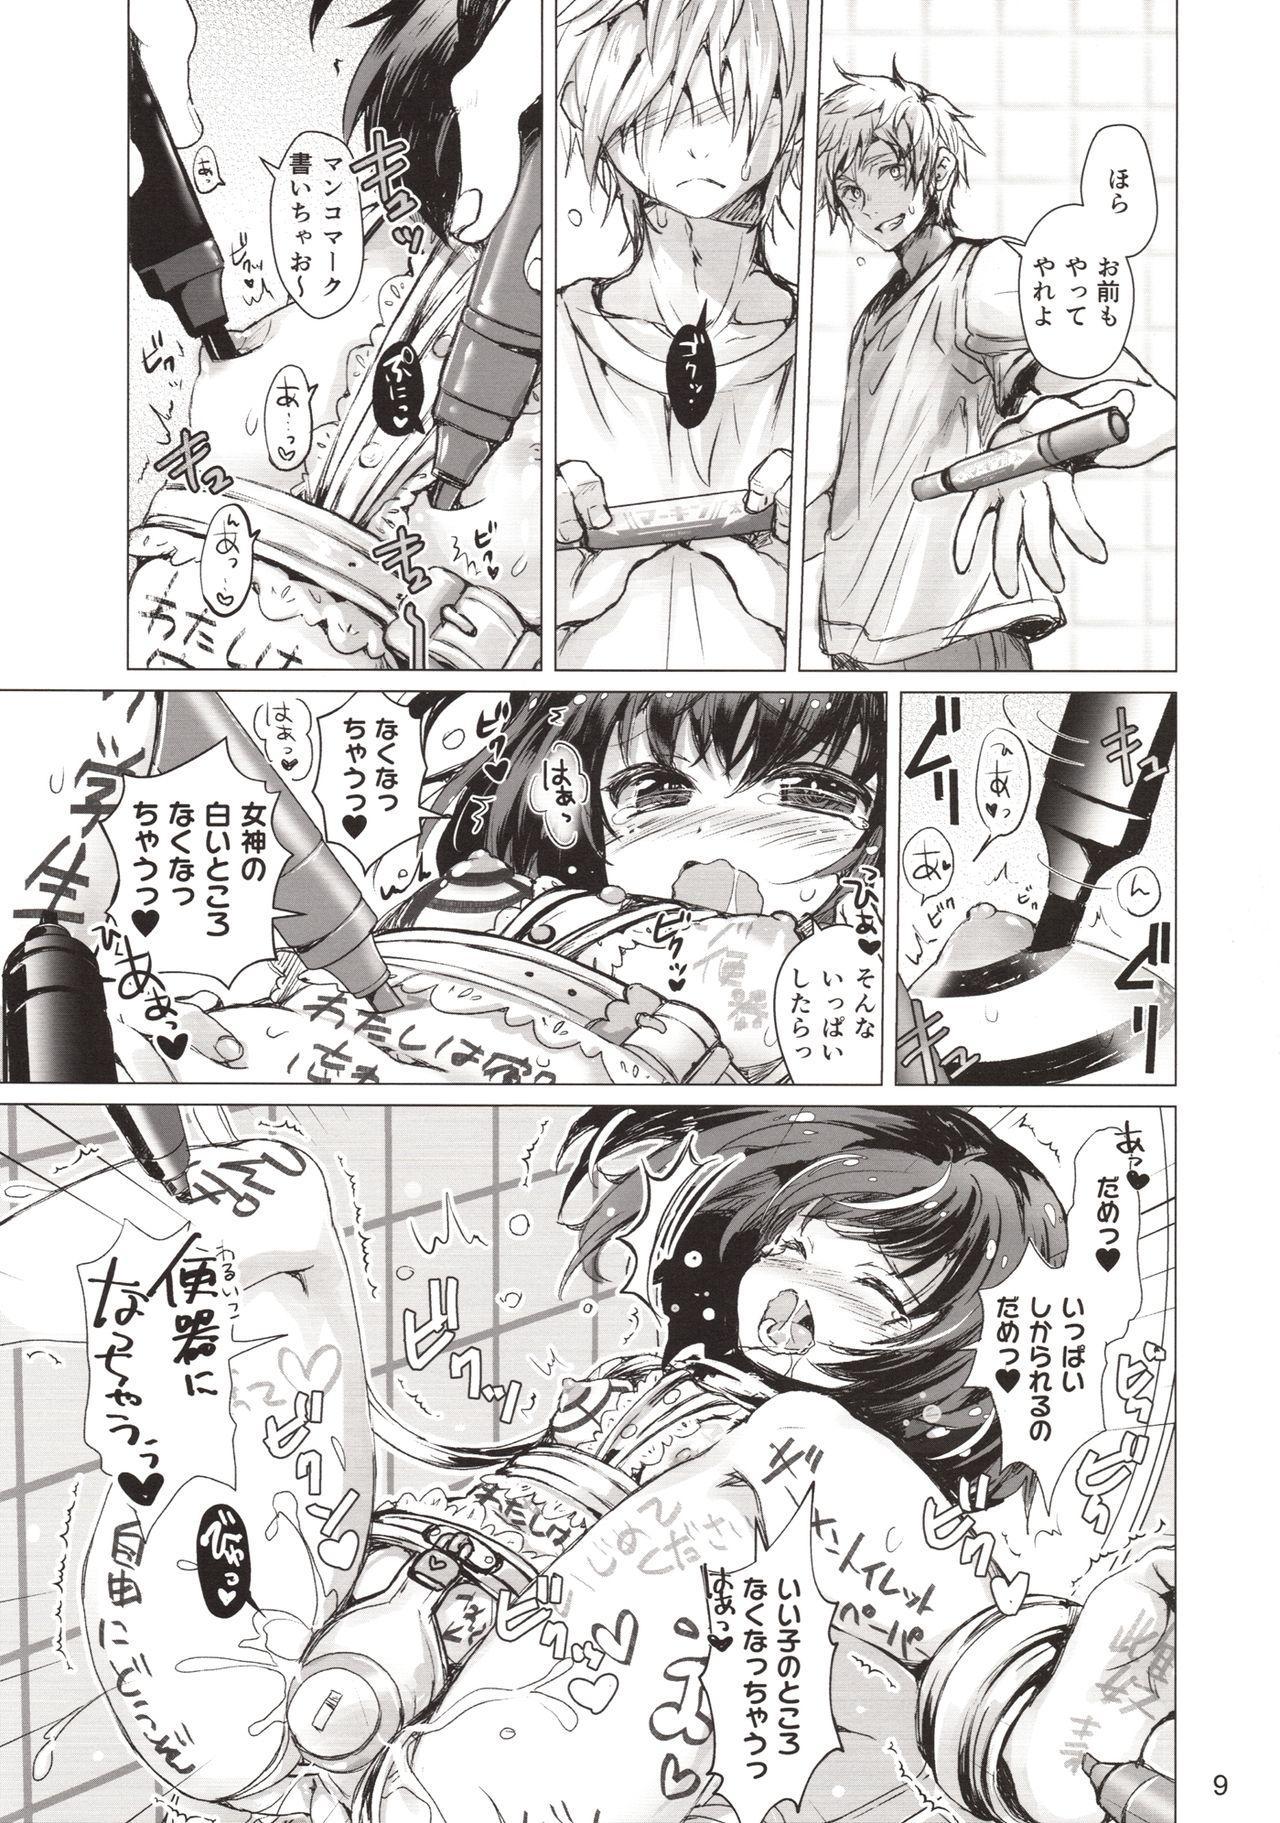 Rakugaki Benjo no Megami-chan 7